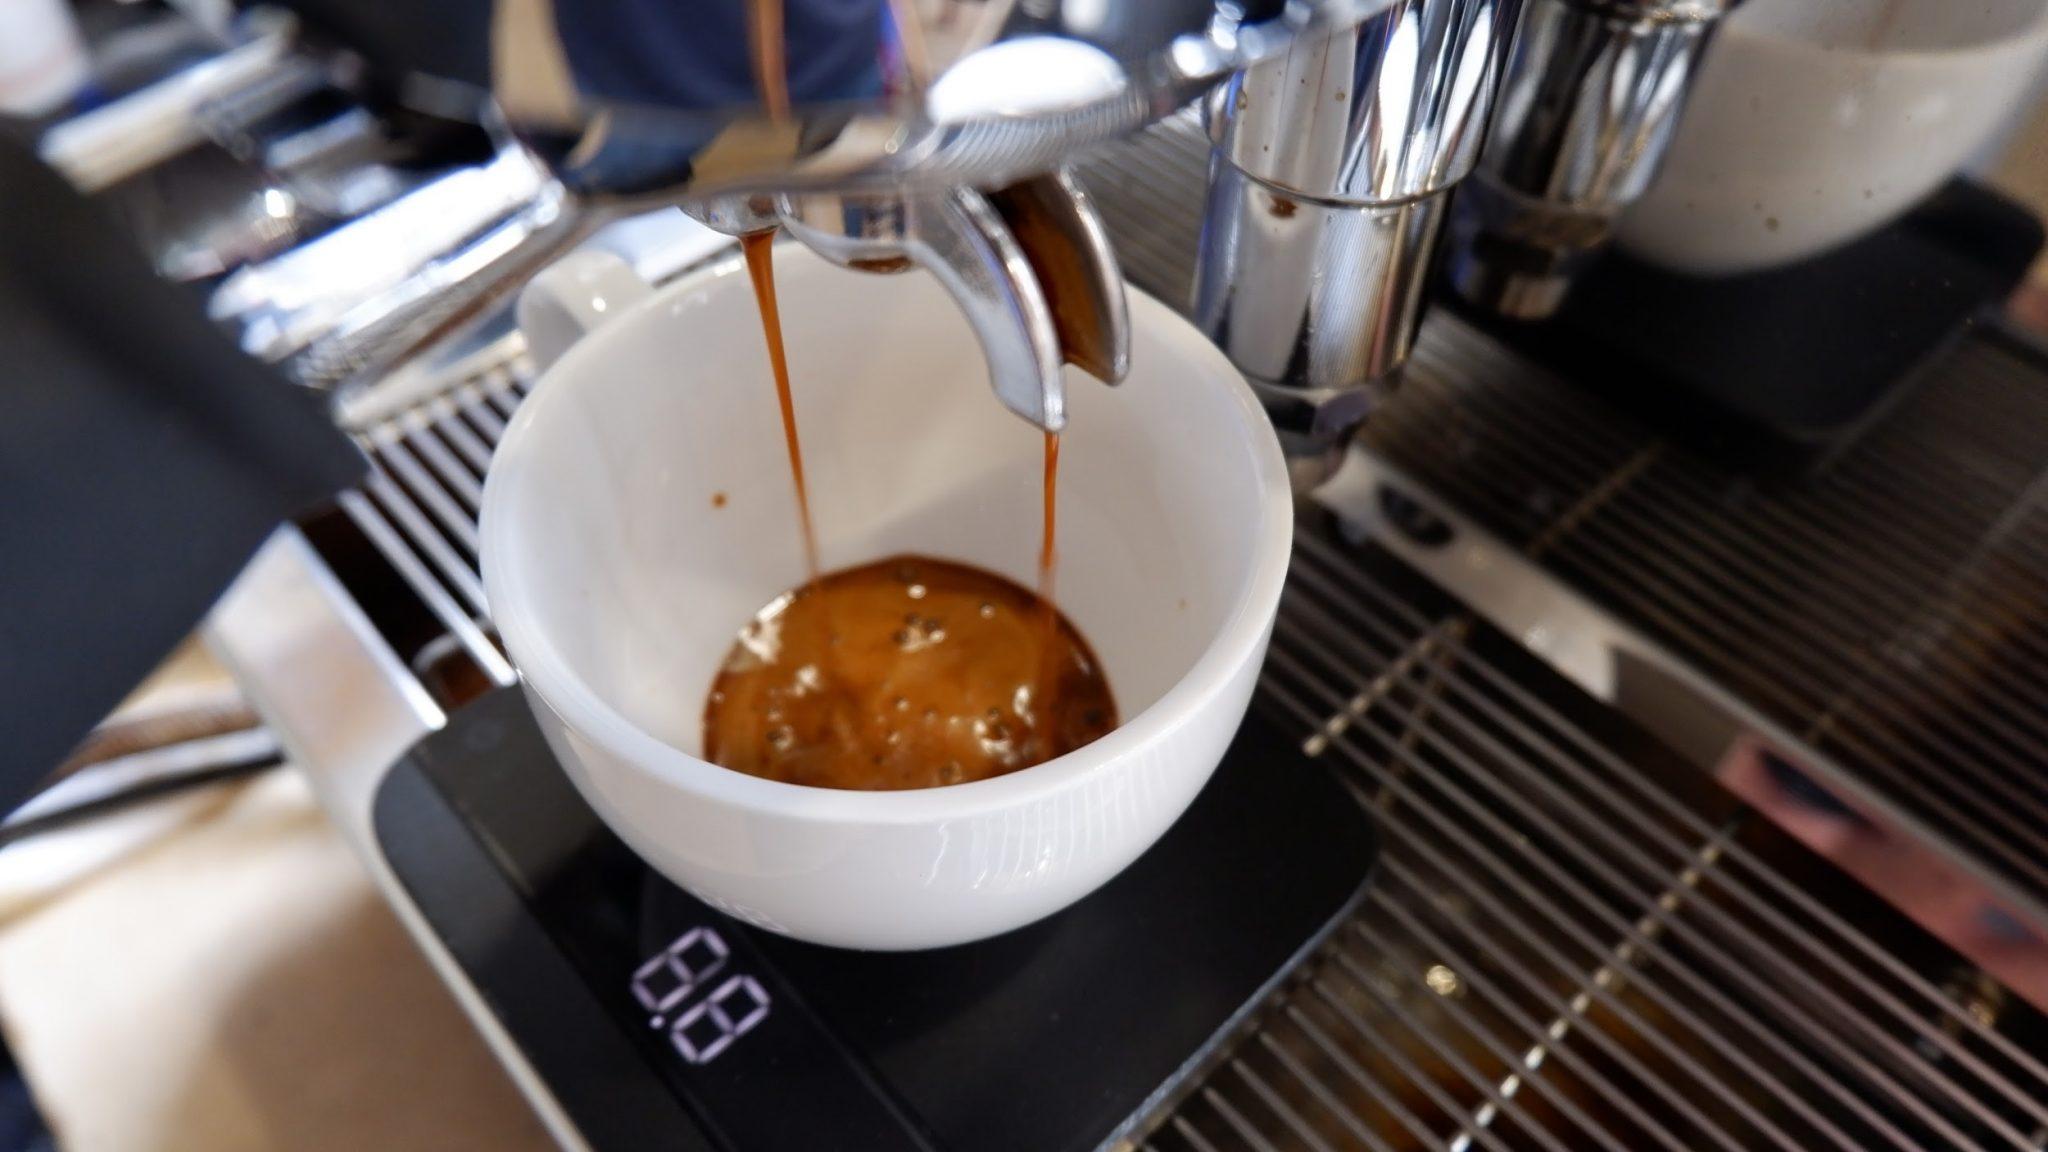 pesando uma dose de espresso